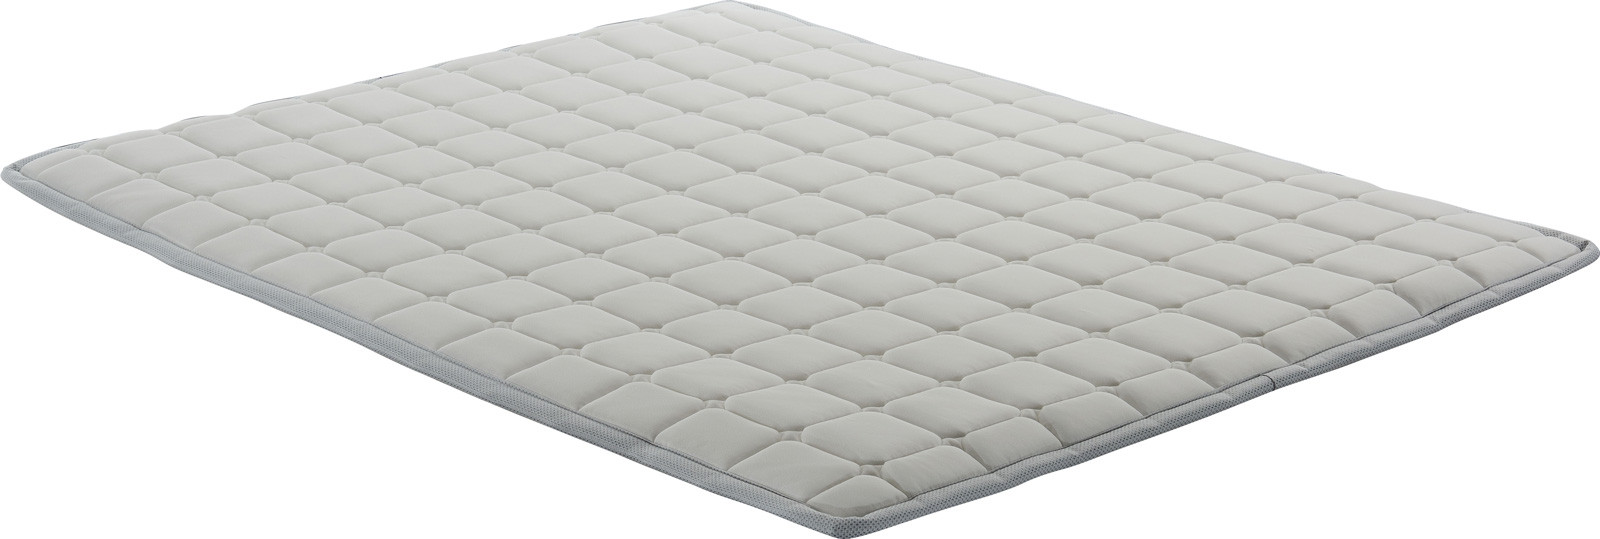 Sleep Cover Mattress Topper